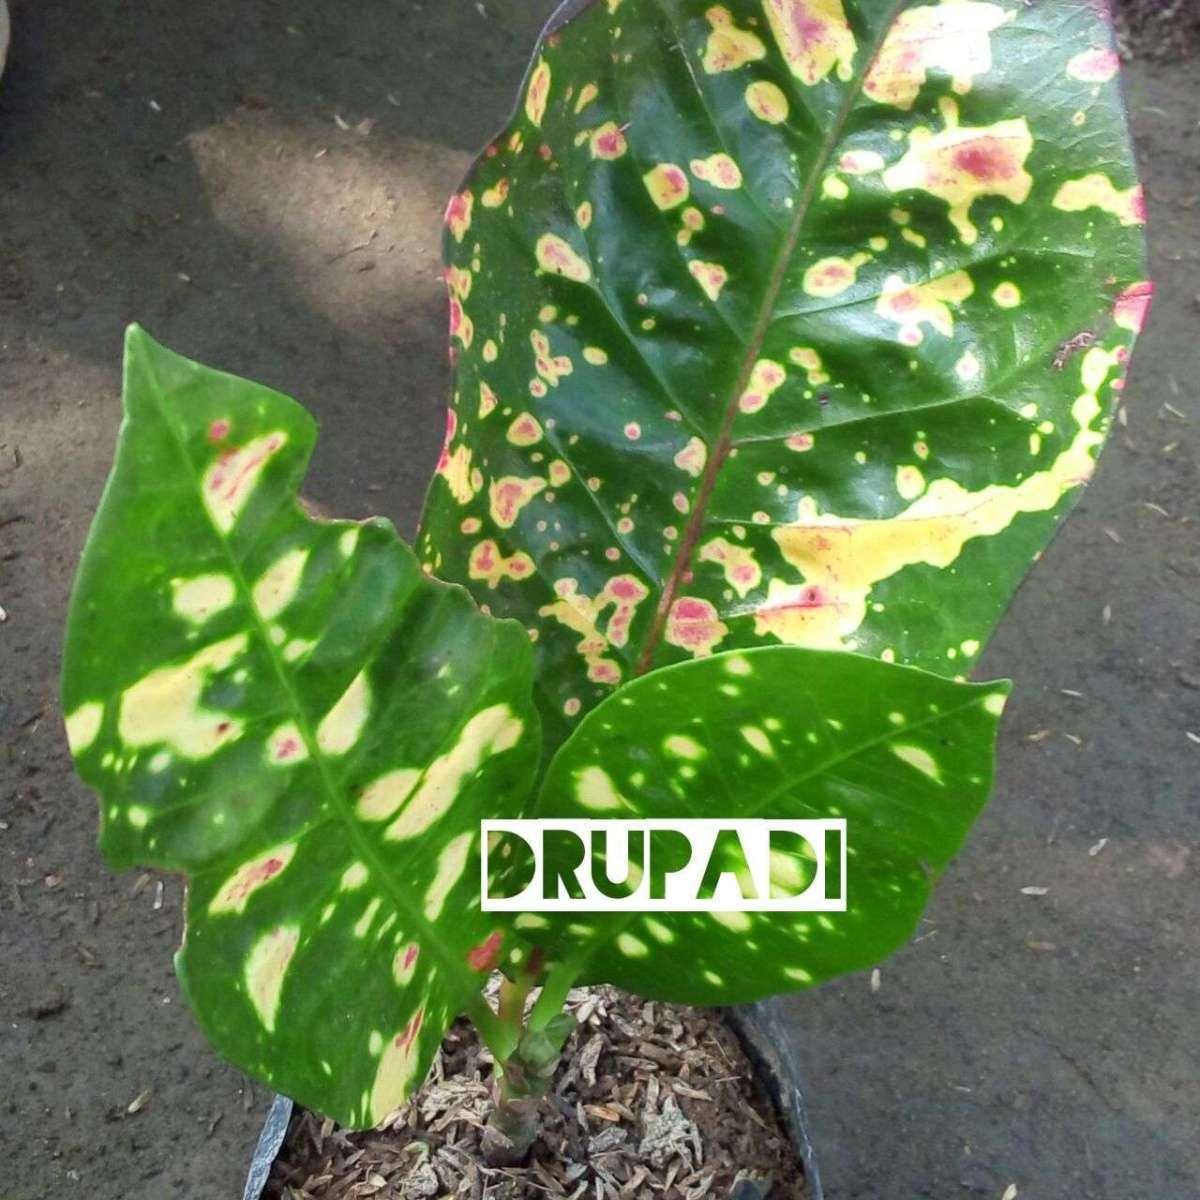 tumbuhan pring drupadi